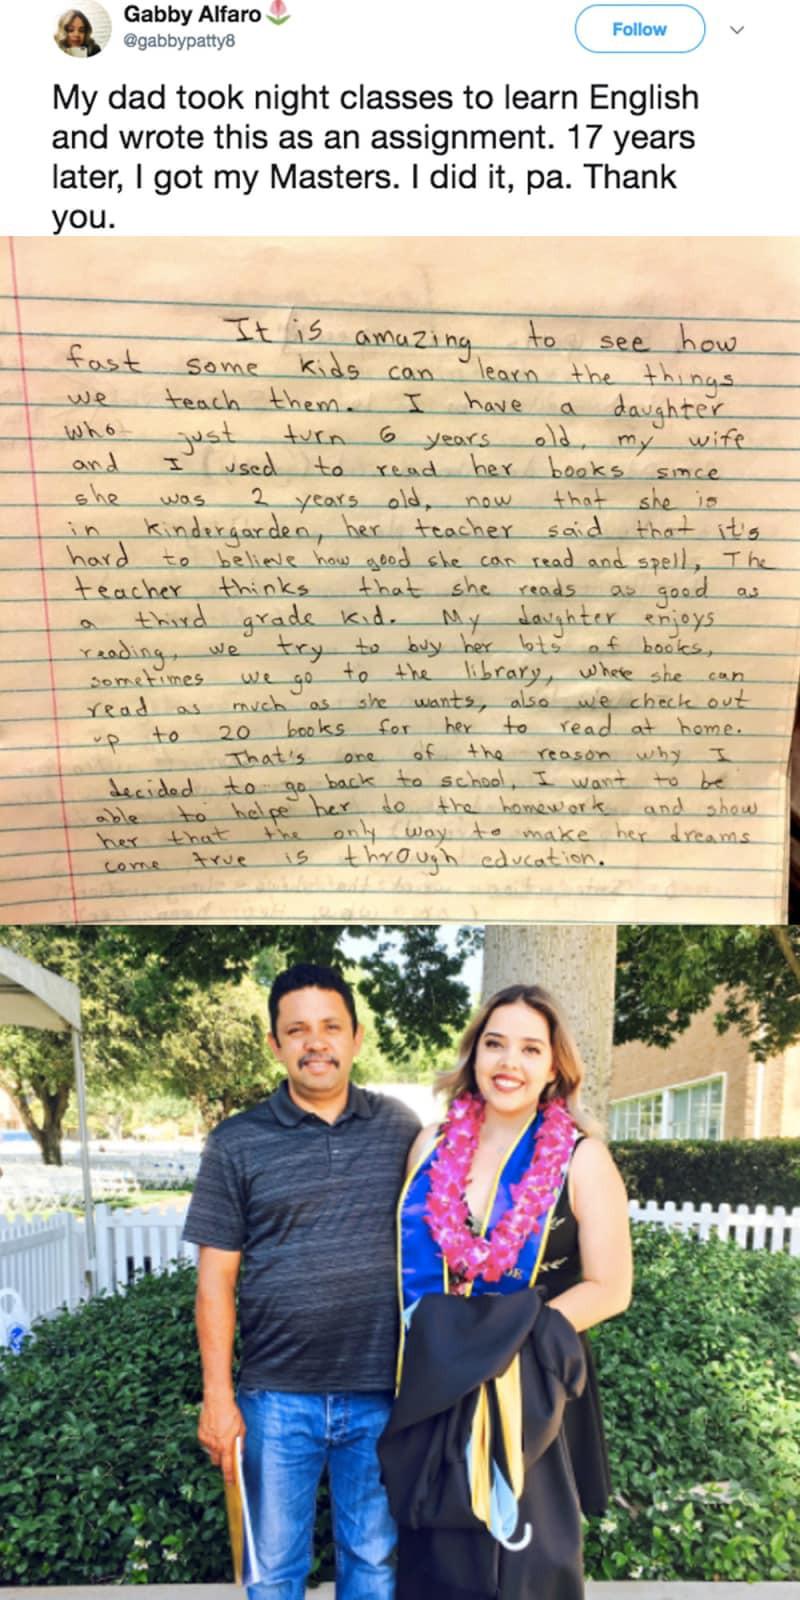 Những câu chuyện cảm động trong lễ tốt nghiệp khiến ta nhận ra, chỉ có gia đình mới thương mình vô điều kiện - Ảnh 5.